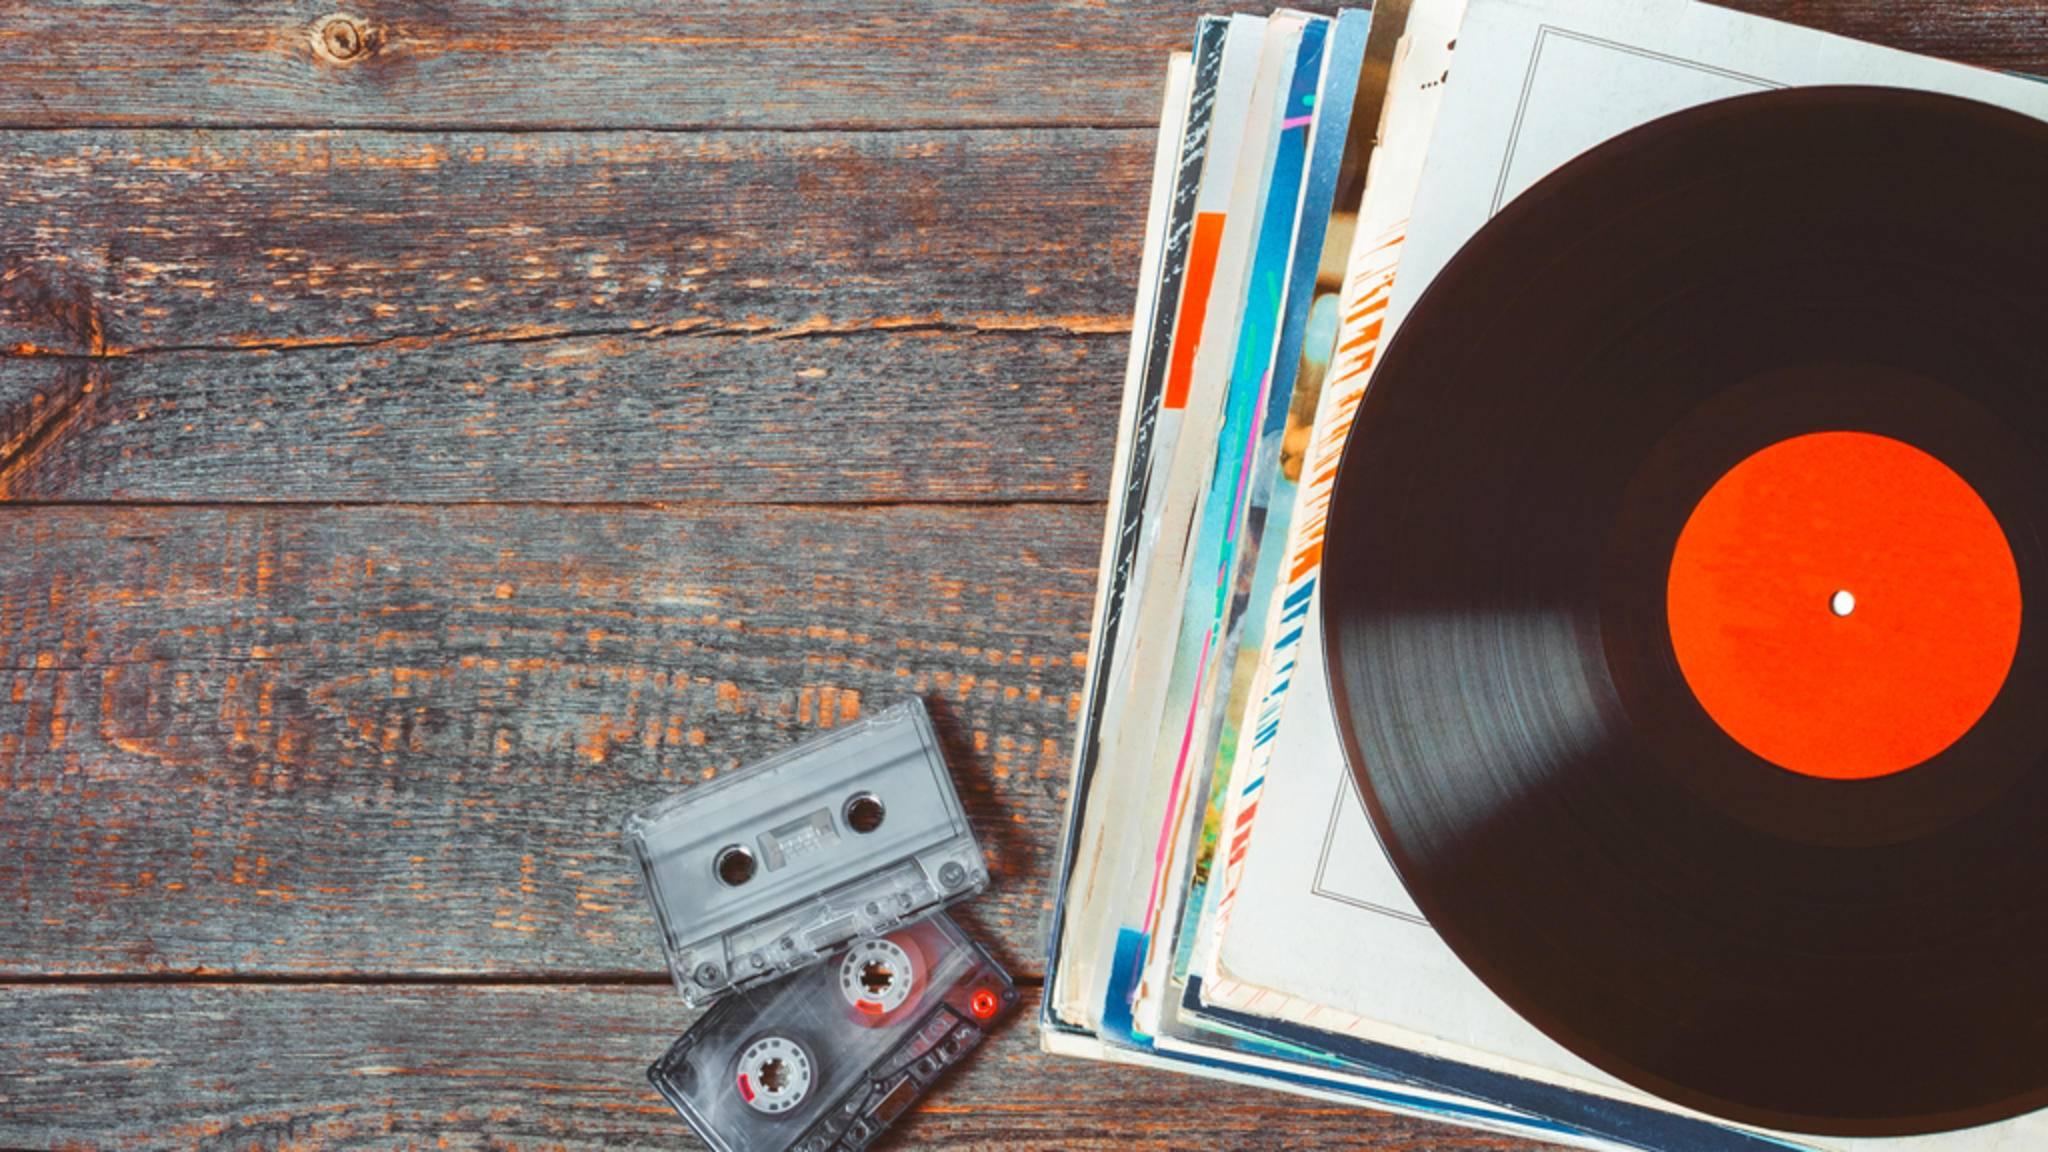 Viele bekannte Hits wurden zensiert – und kaum ein Hörer weiß es.